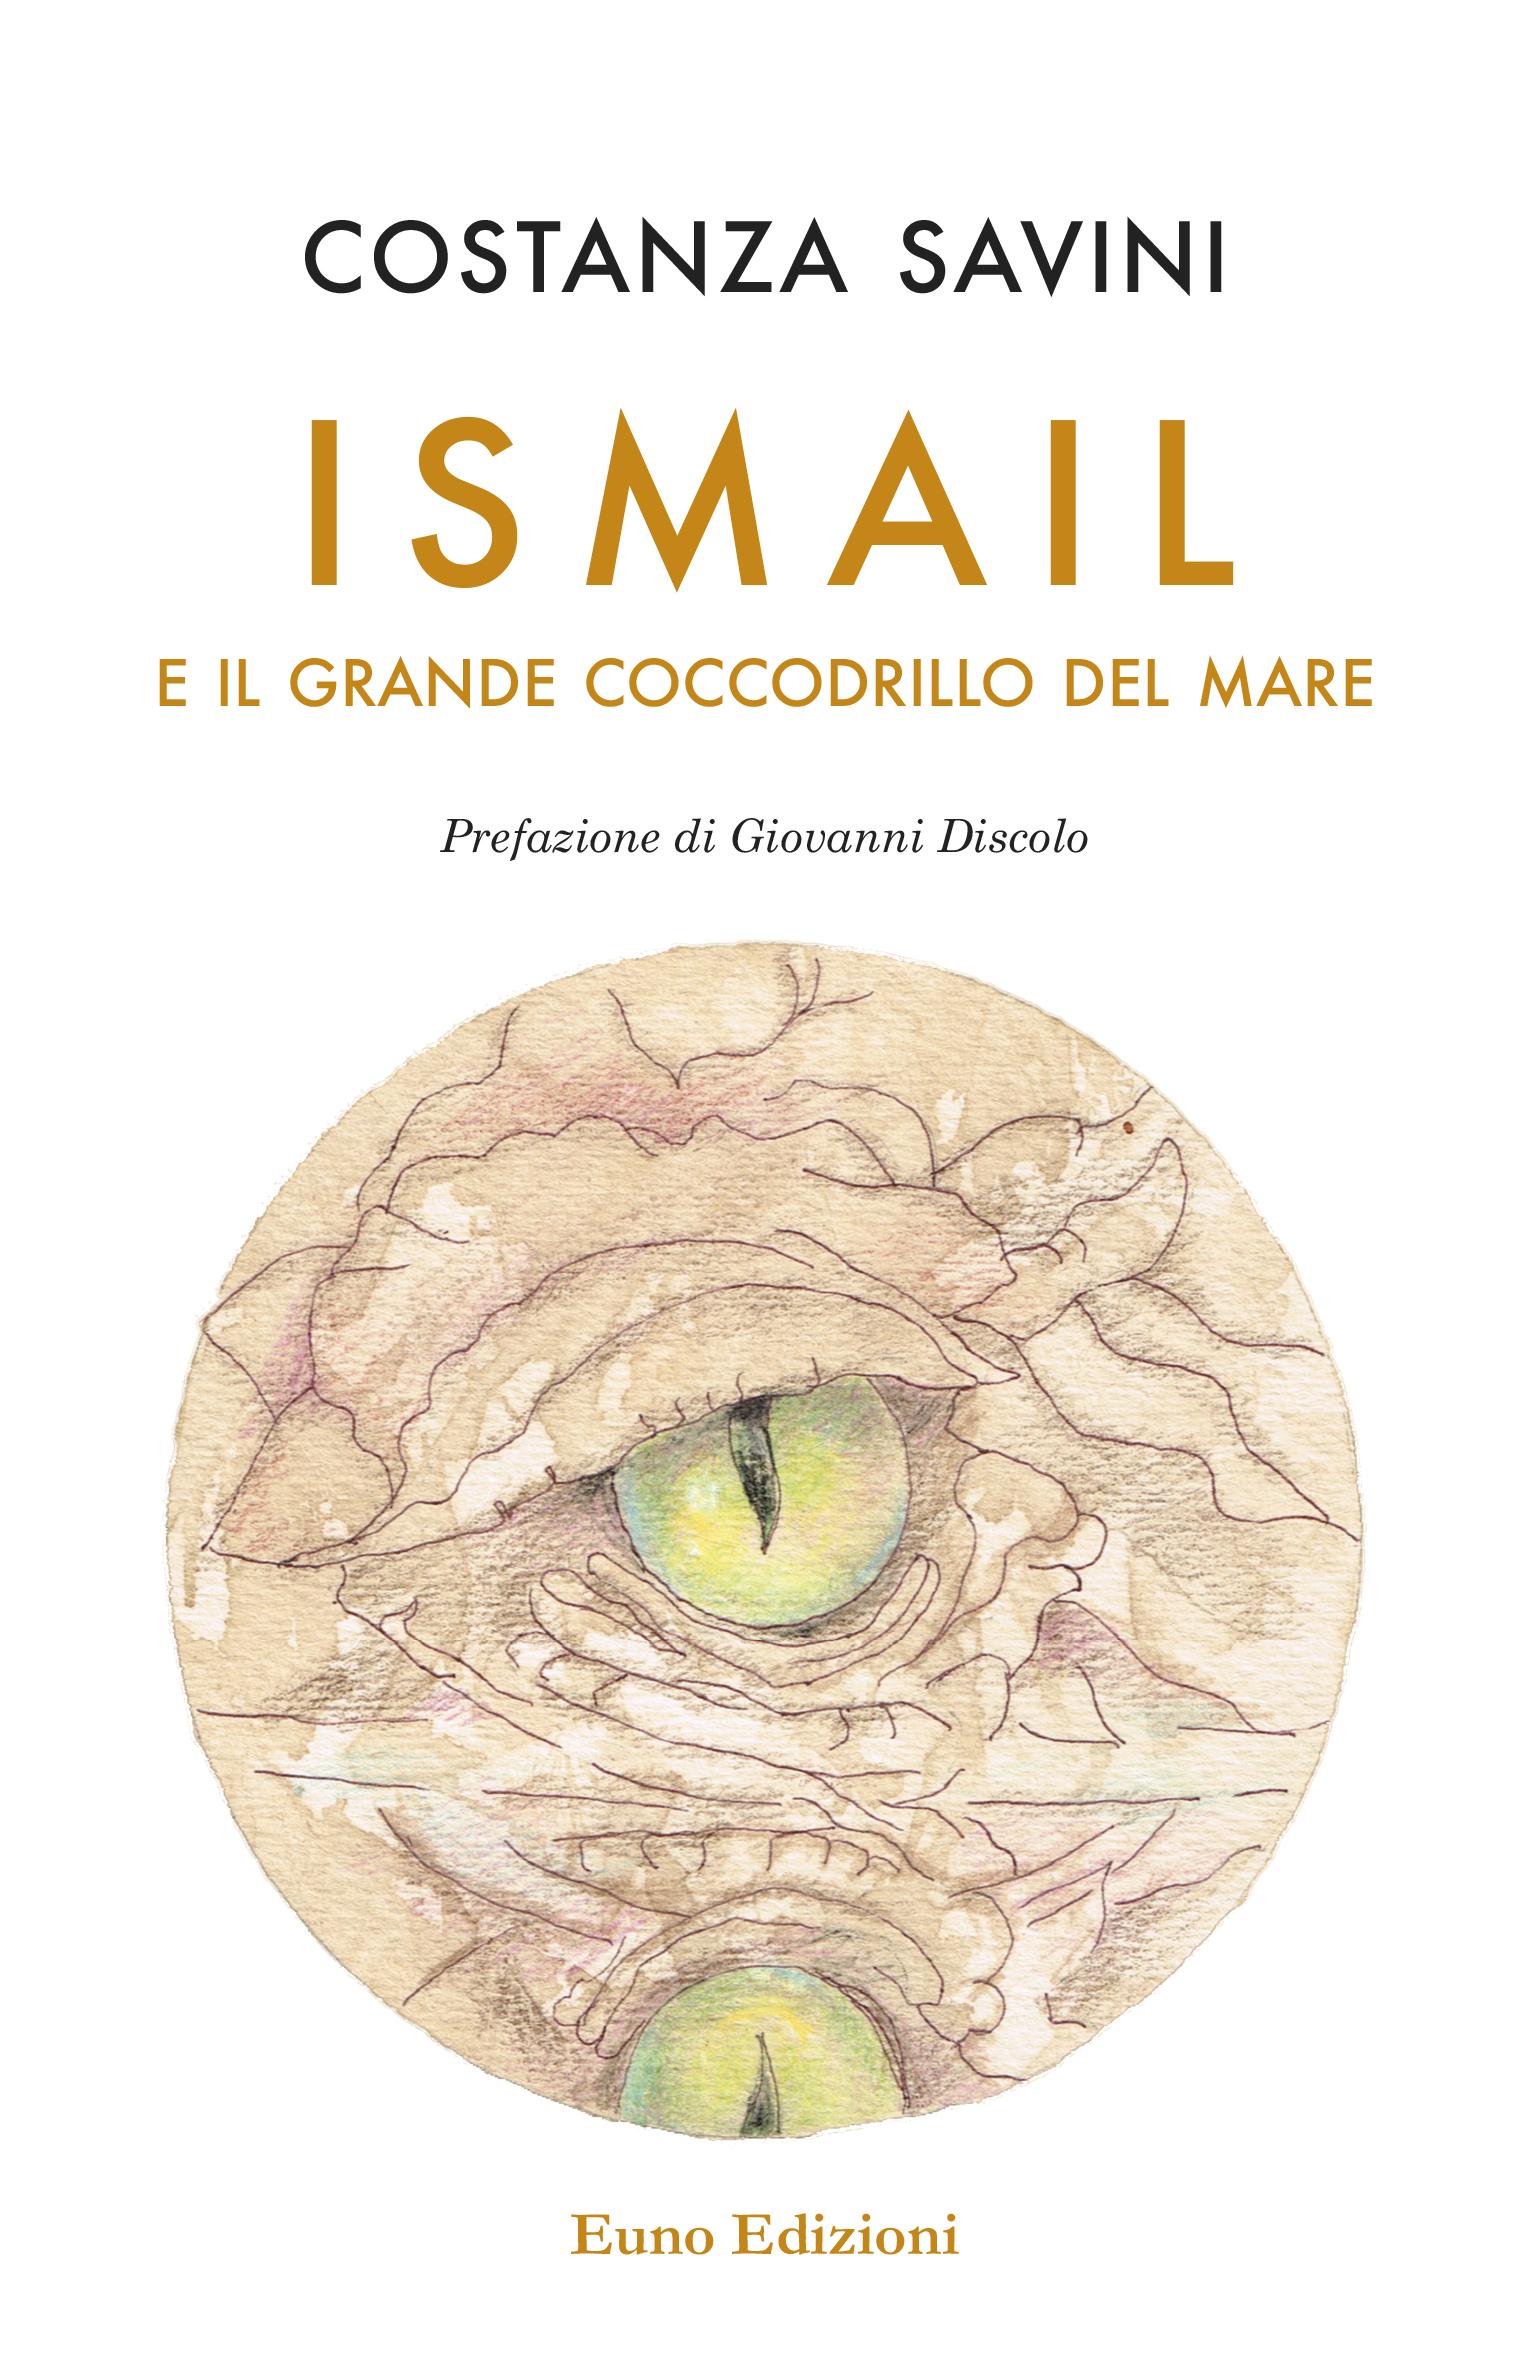 Voci di migranti - Torna in libreria ISMAIL E IL GRANDE COCCODRILLO DEL MARE di Costanza Savini